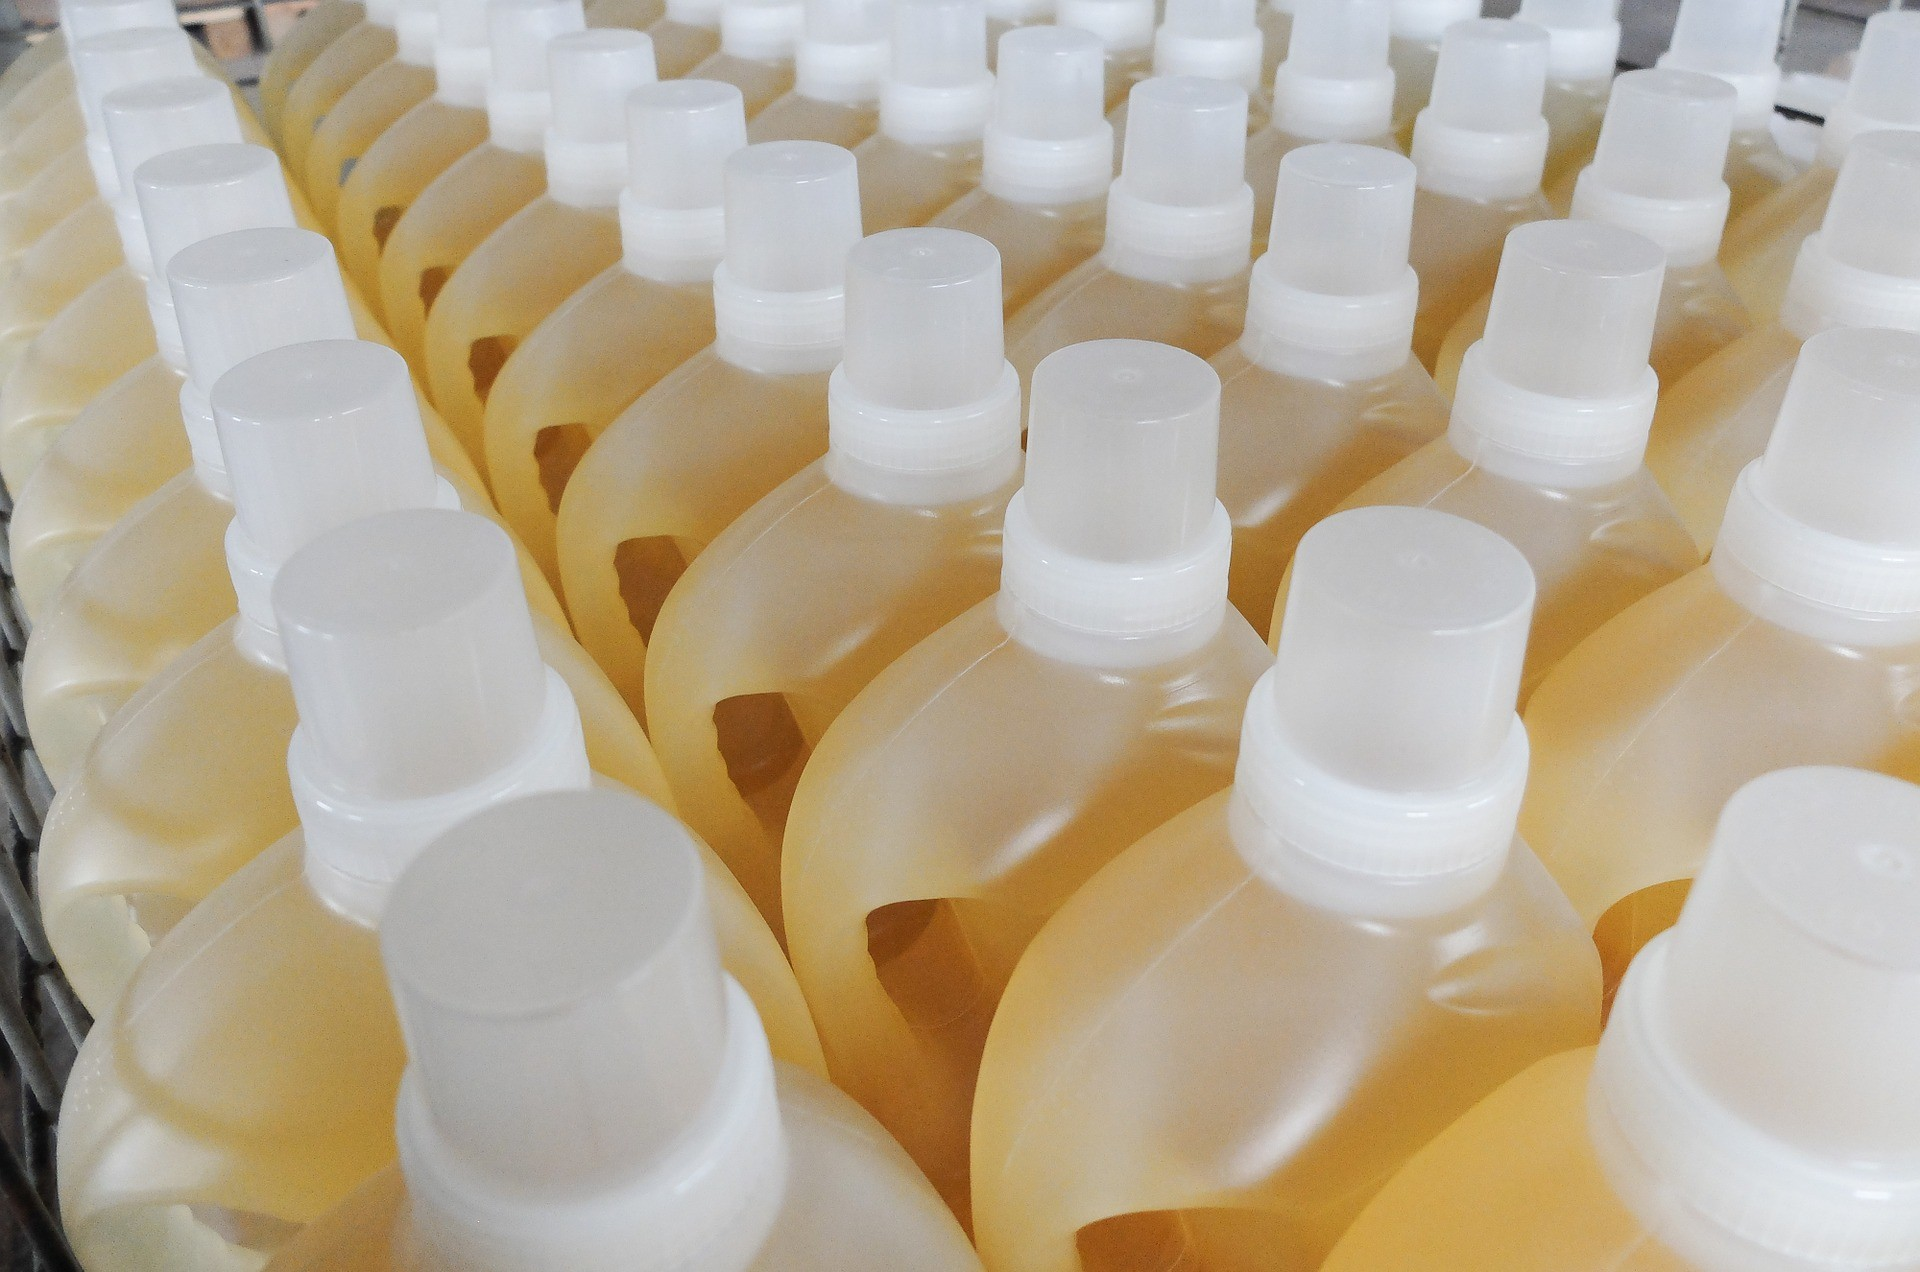 Control de productos químicos - Almacenamiento de suministros de limpieza adecuados